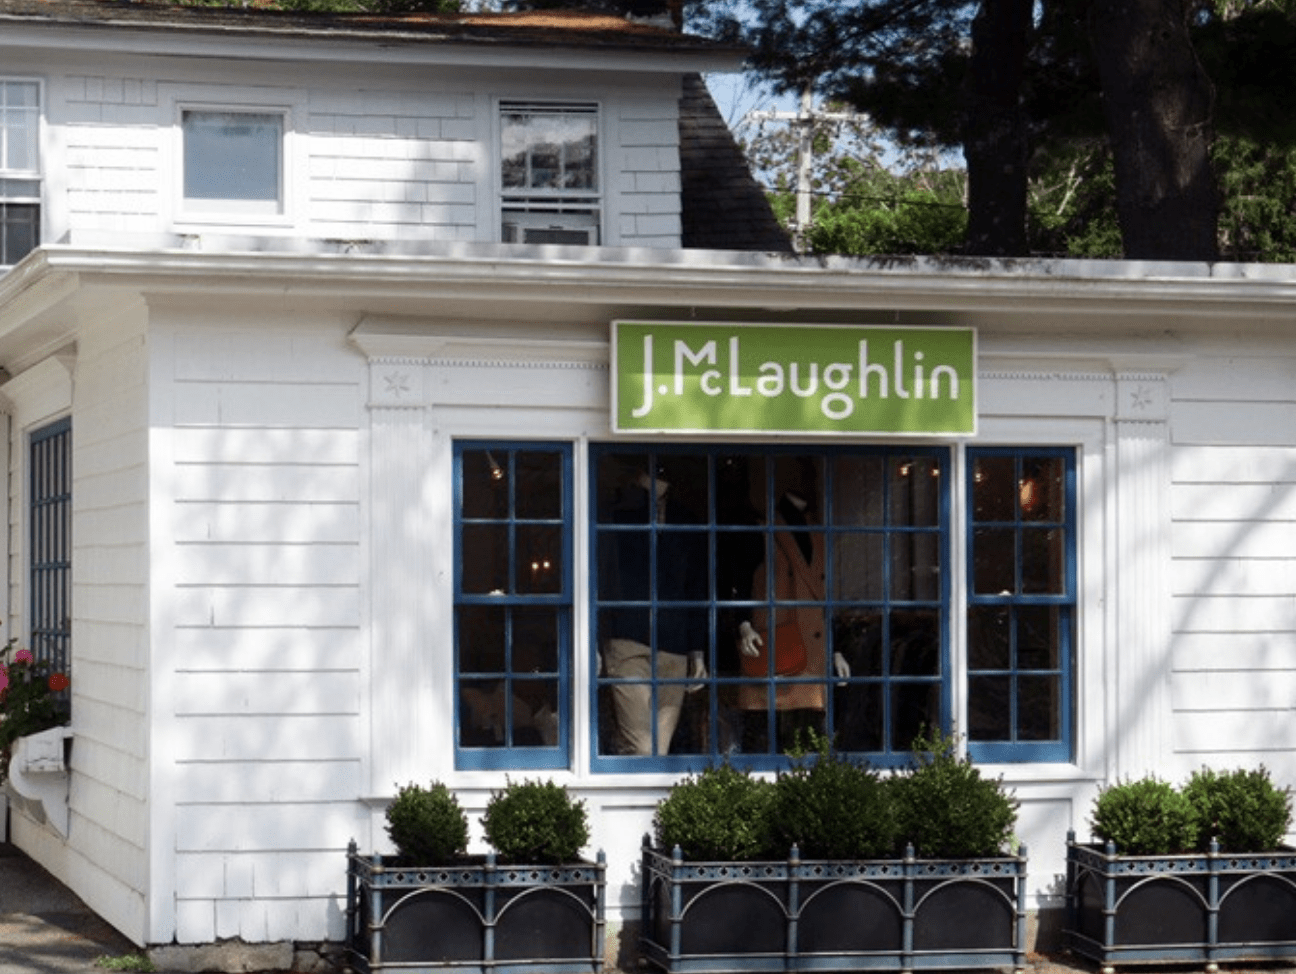 JMcLaughlin Fall Tent Sale